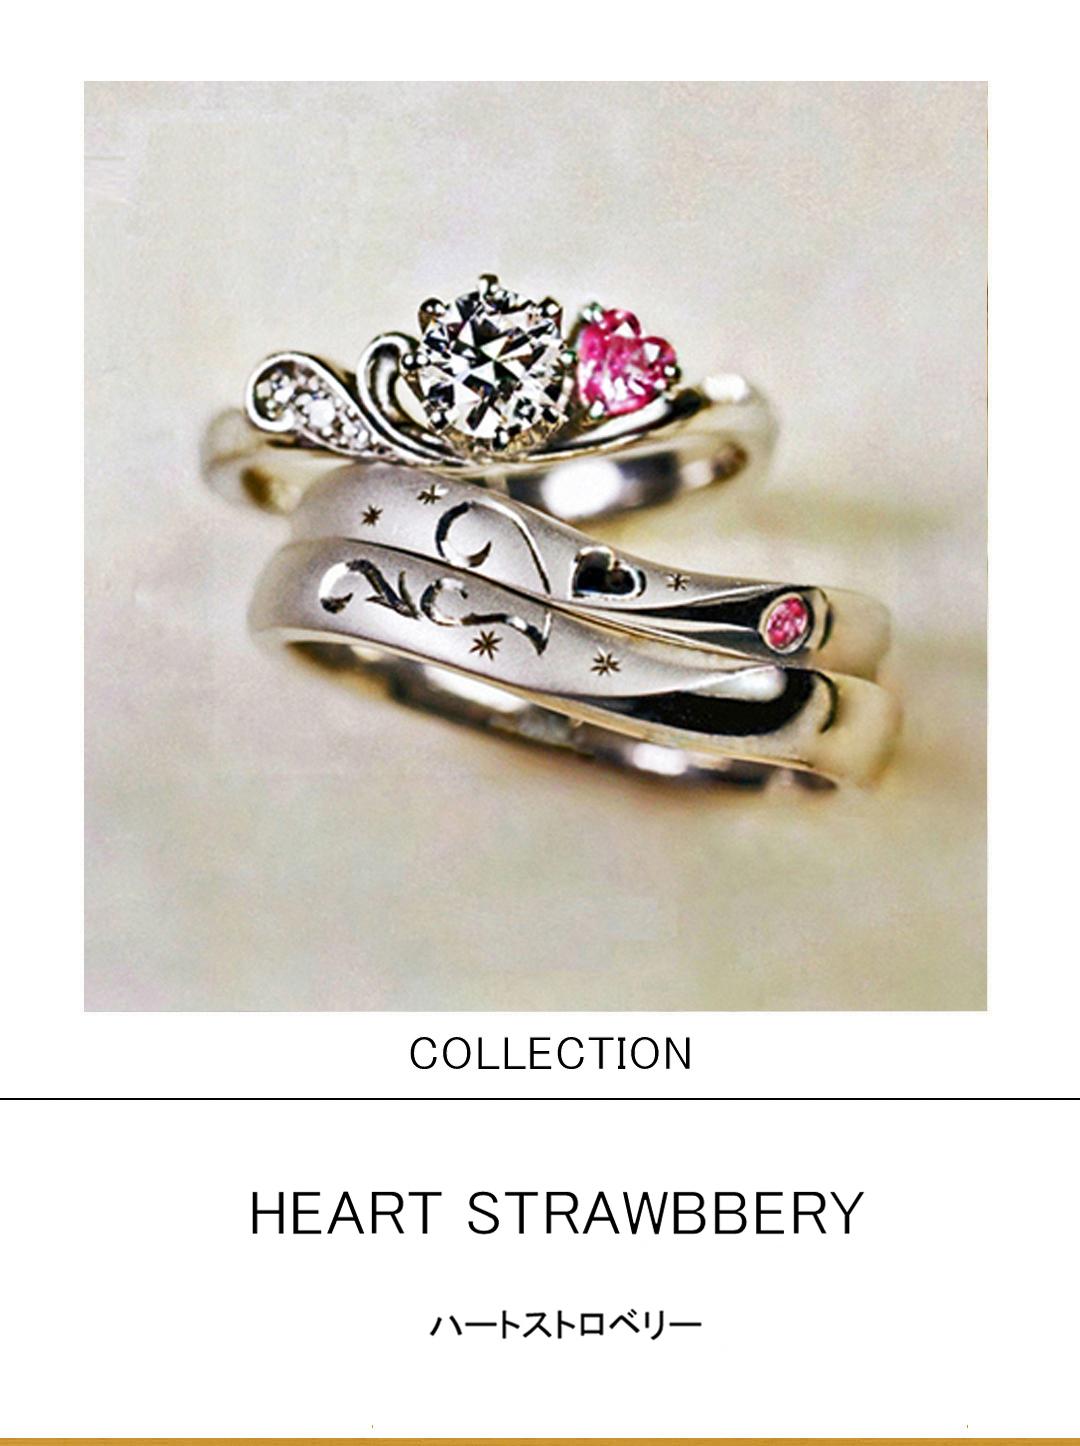 ピンクのハートがデザインされた婚約指輪と結婚指輪のセットリングのサムネイル